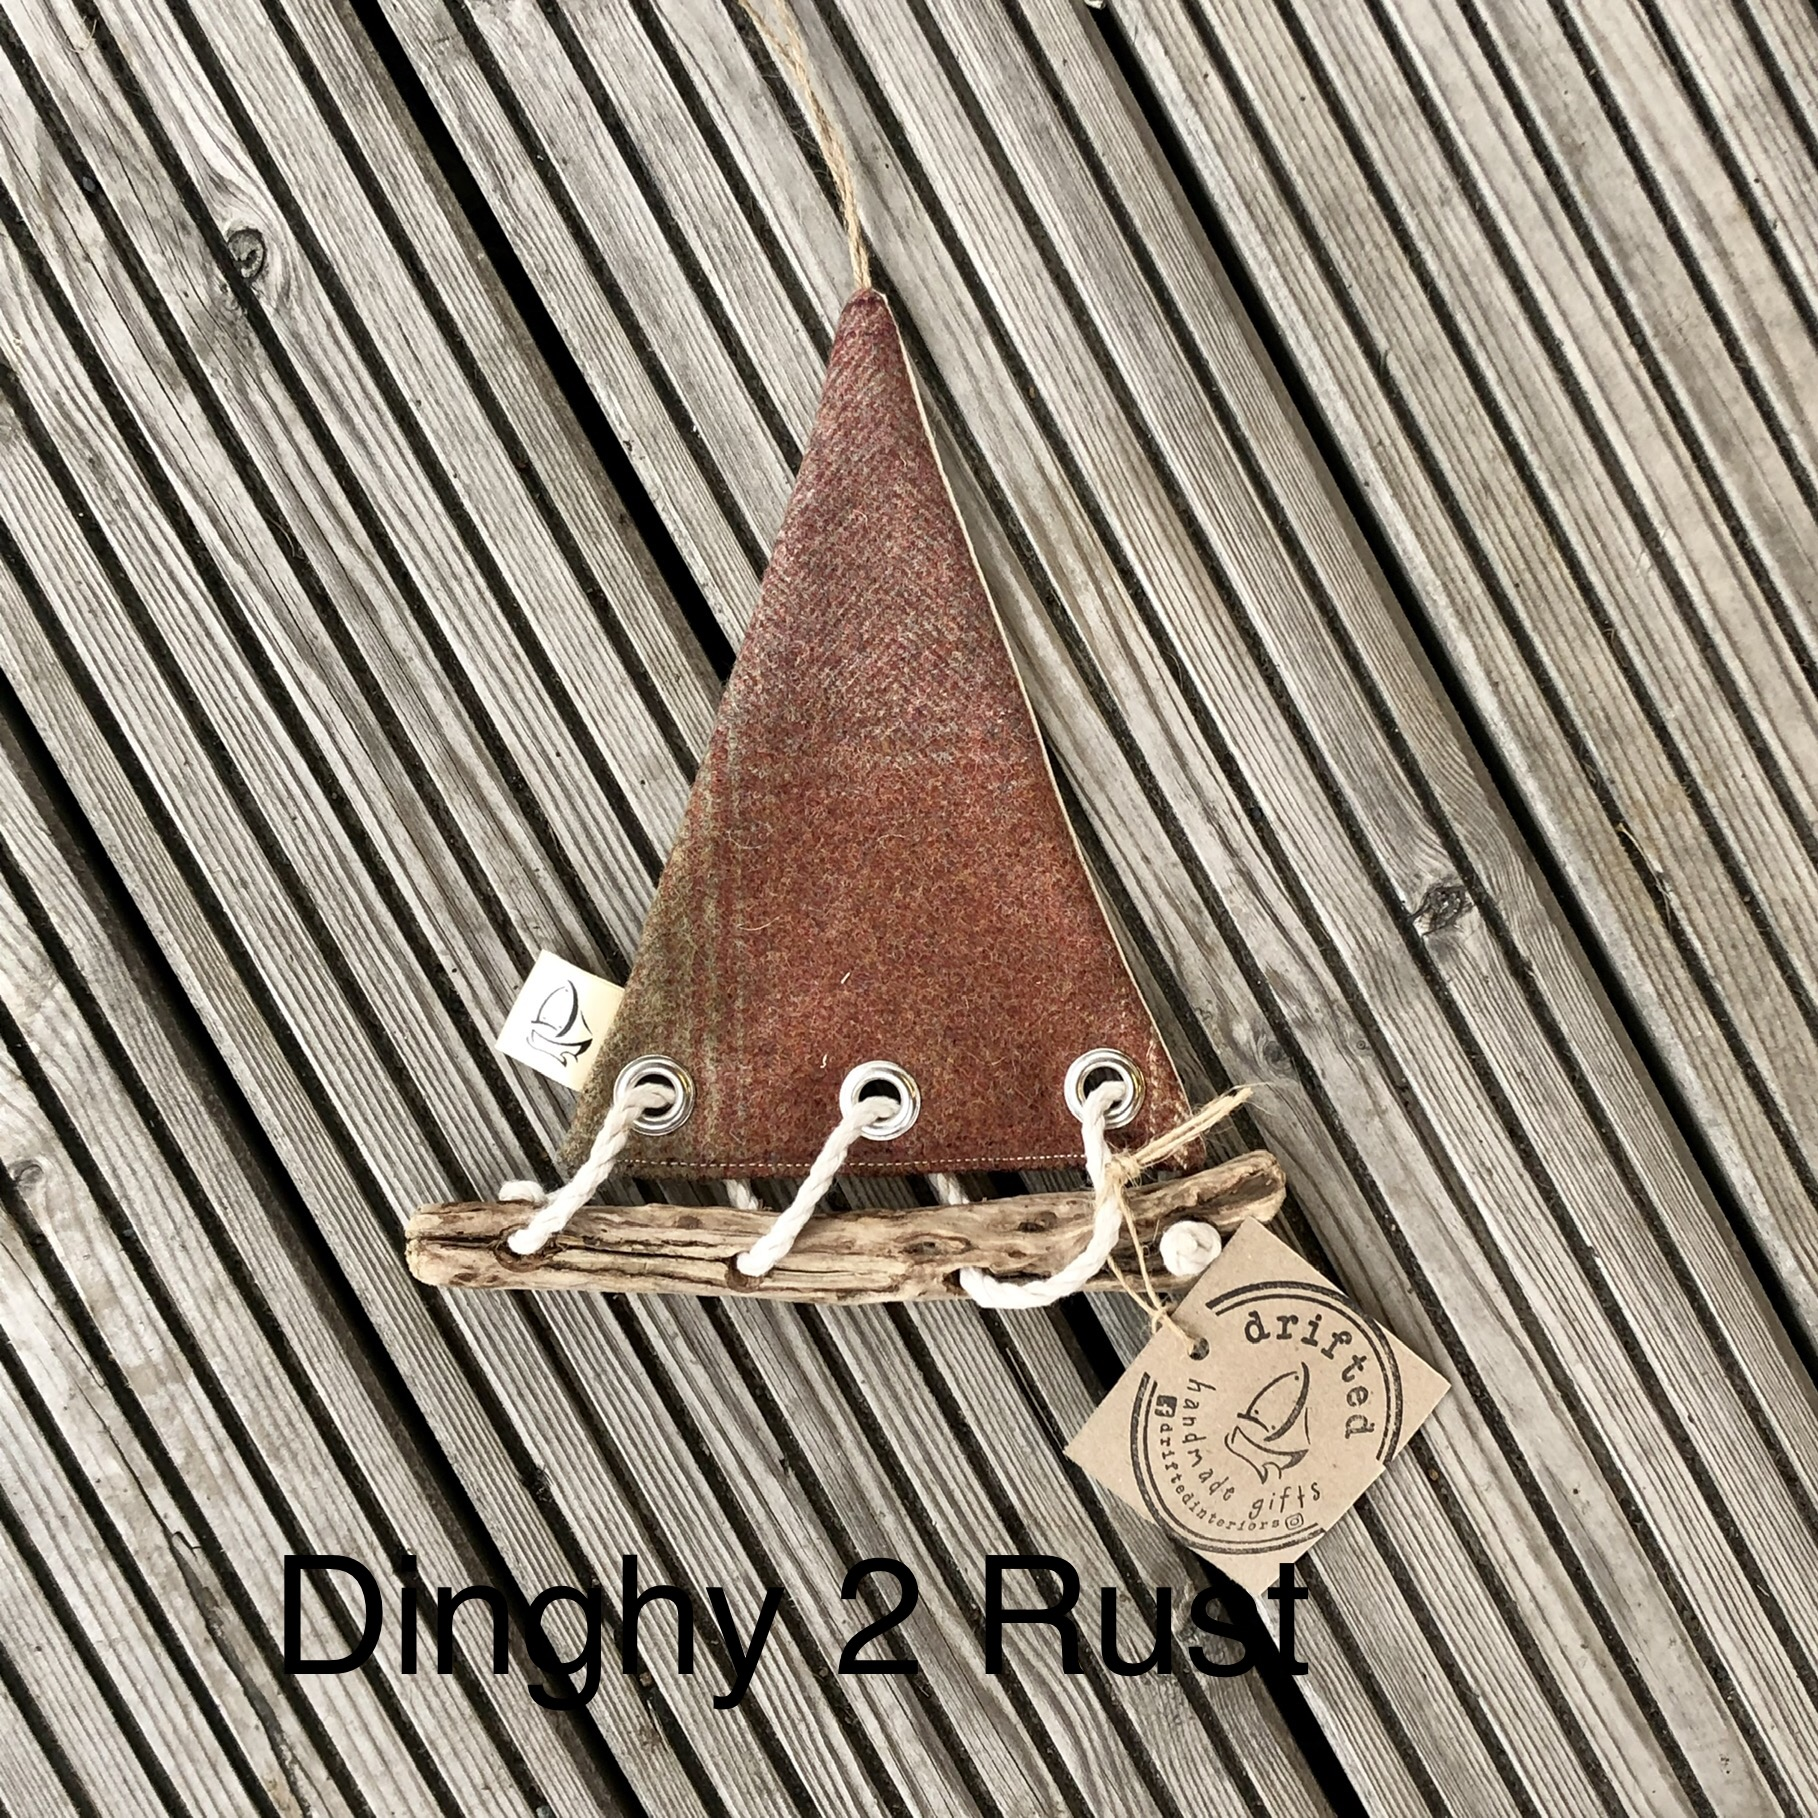 Handmade Driftwood Dinghy 2